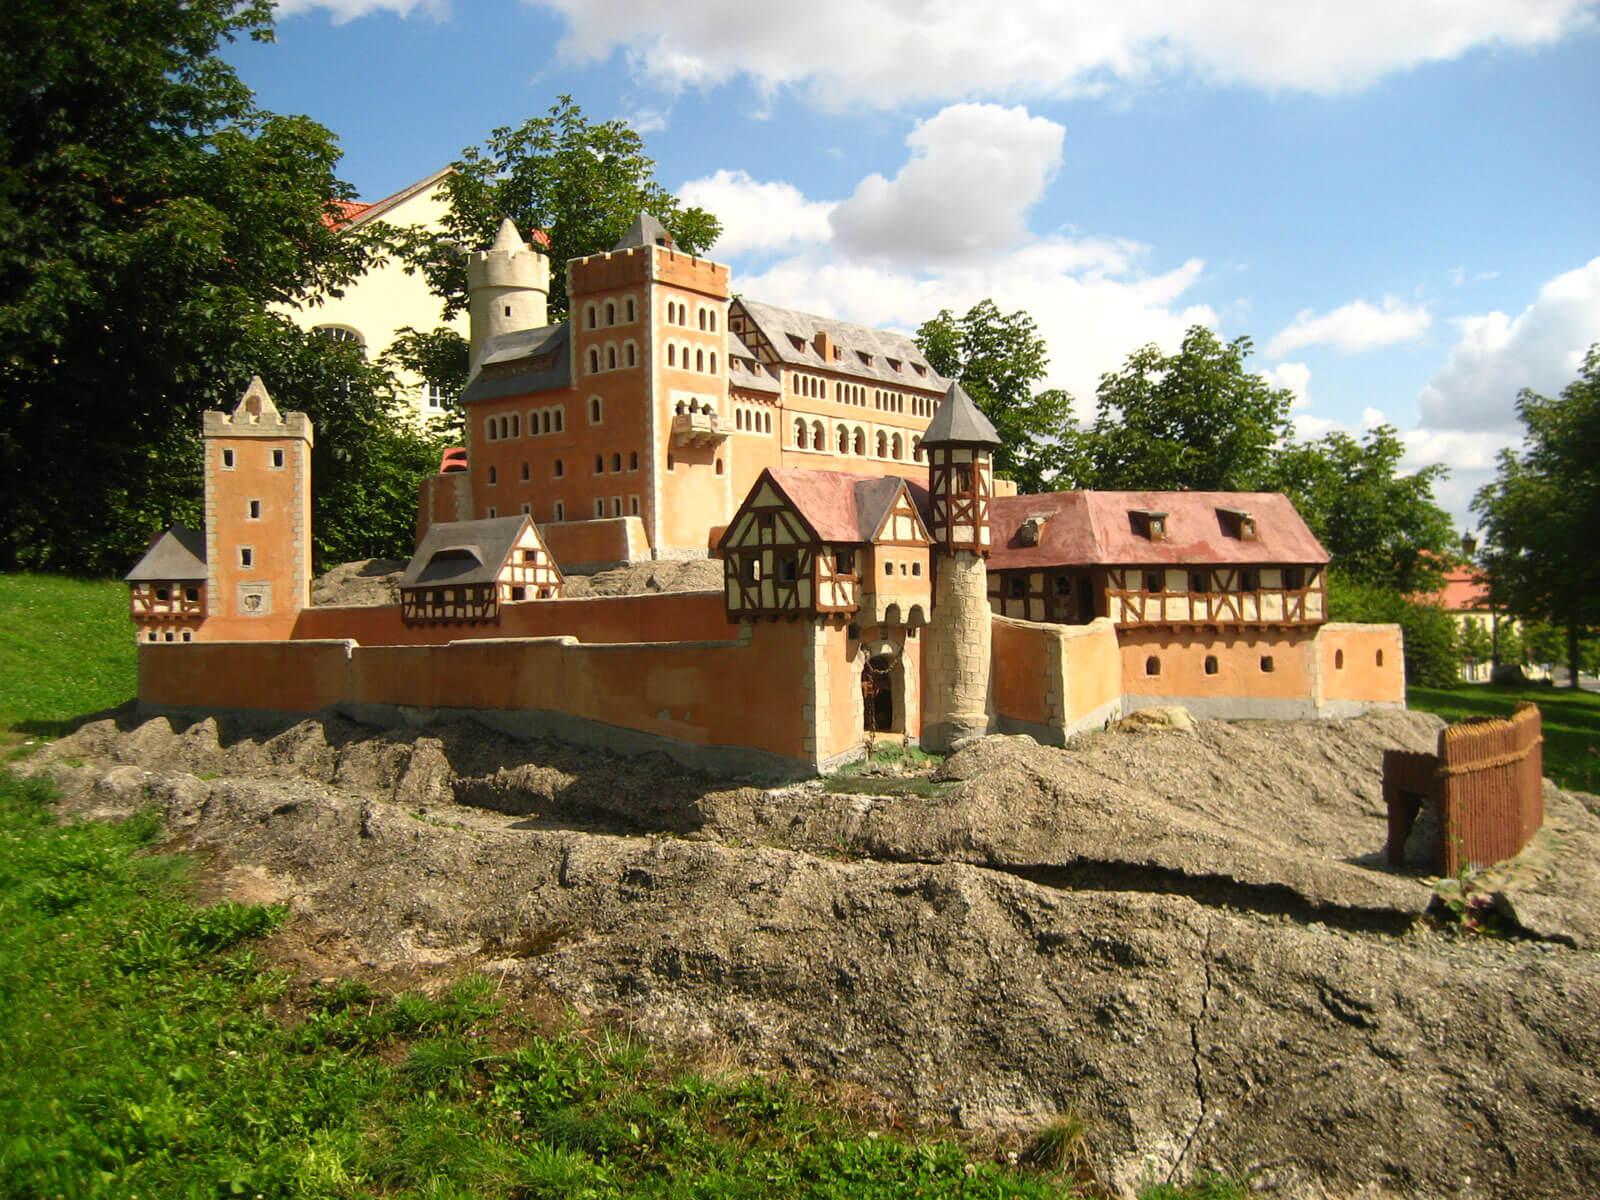 Burg Im Mittelalter Arbeitsblatt : Aufbau der burgen im mittelalter cleverpedia